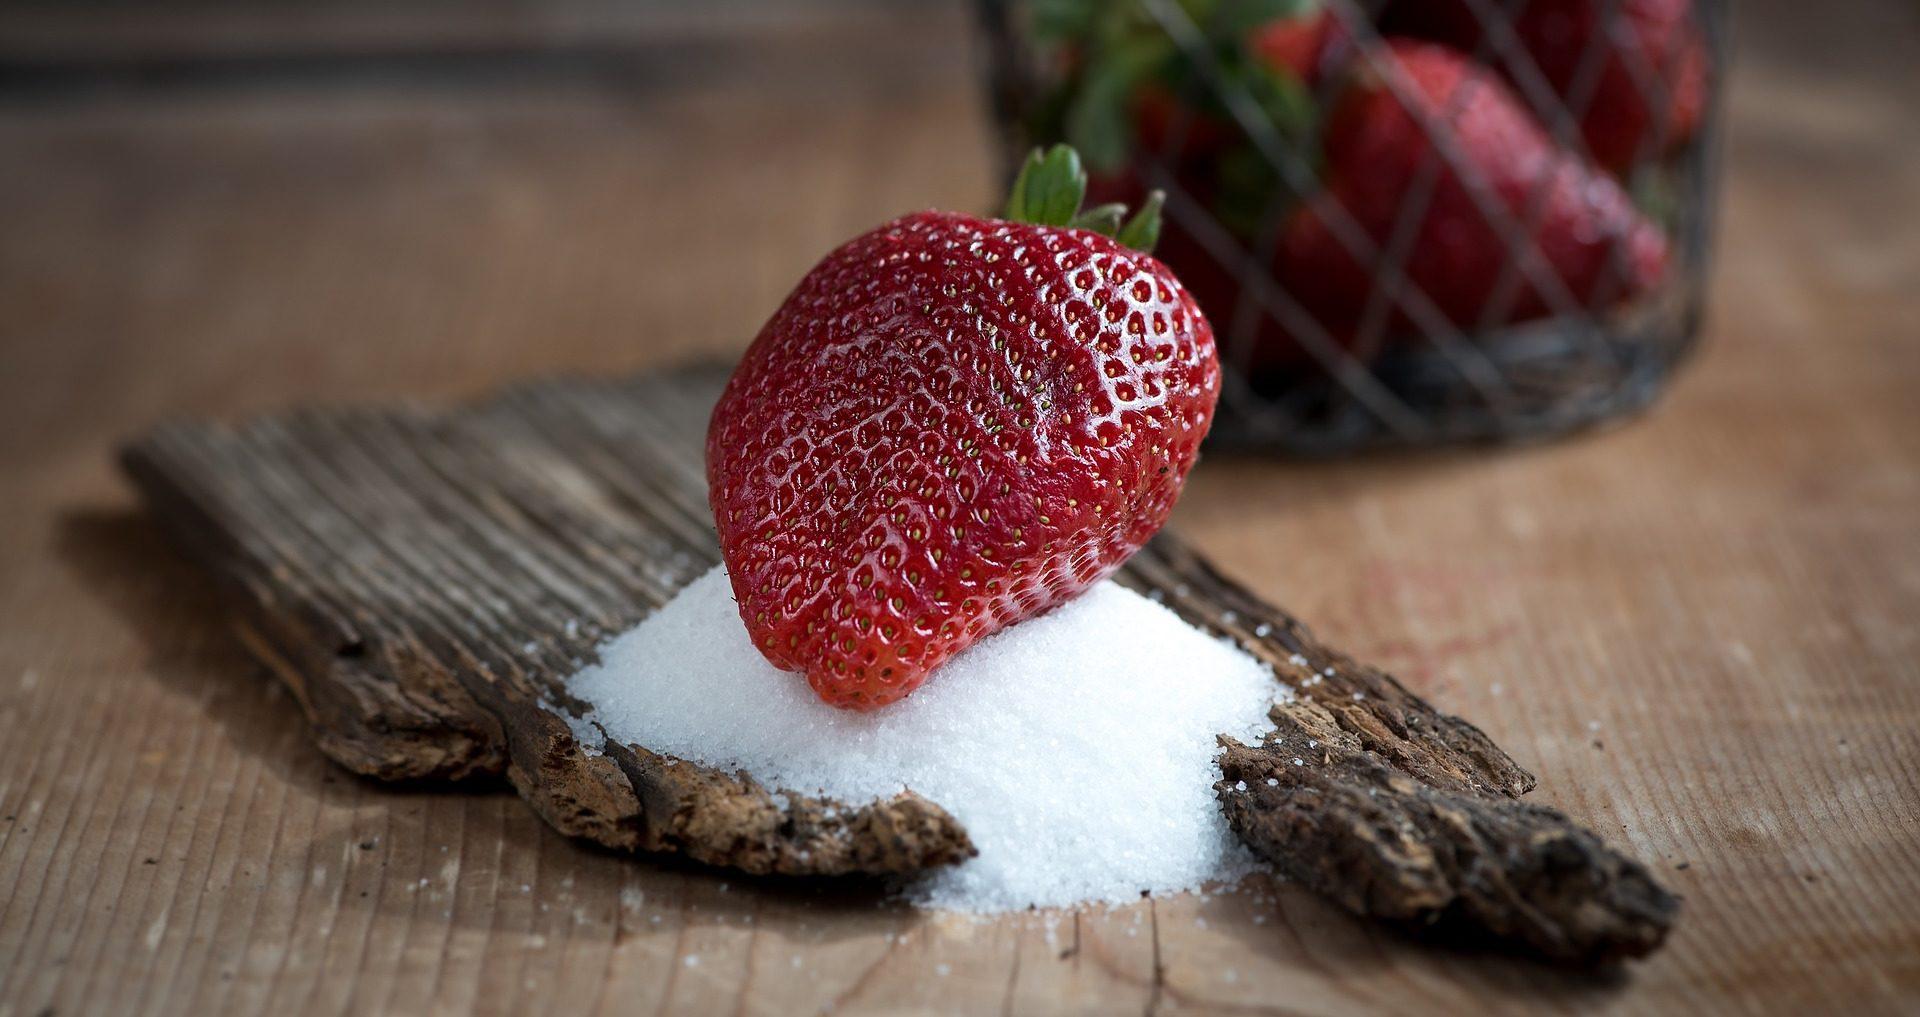 Diese Erdbeeren mit Tafelzucker enthalten eine große Menge an Fruktose, die Du am Low Carb Cheat Day vermeiden solltest